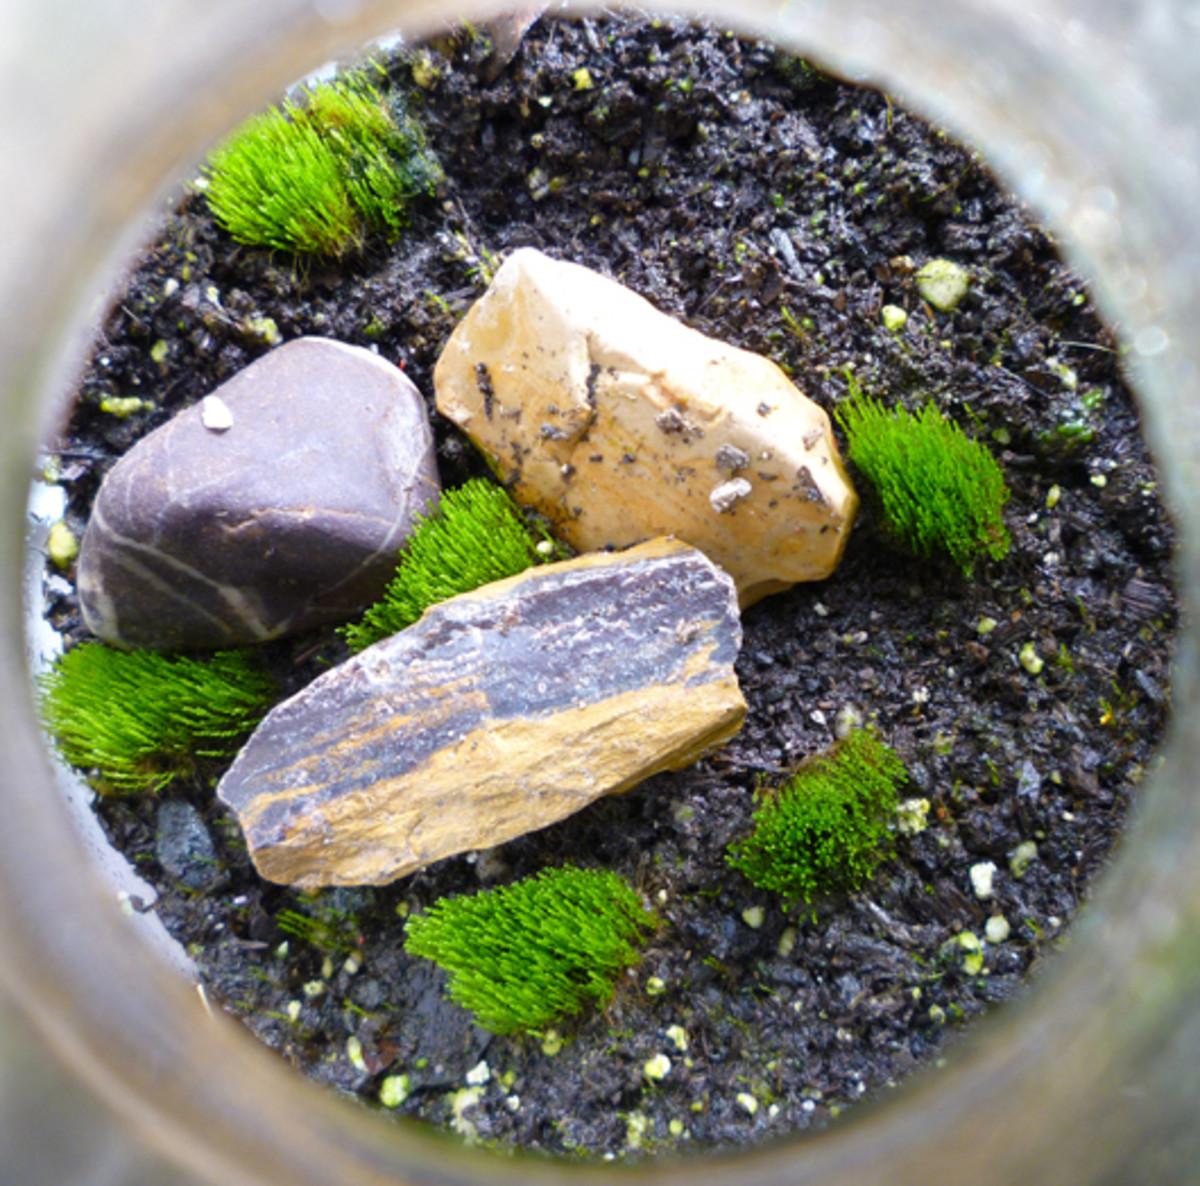 how-to-make-a-terrarium-in-a-jar